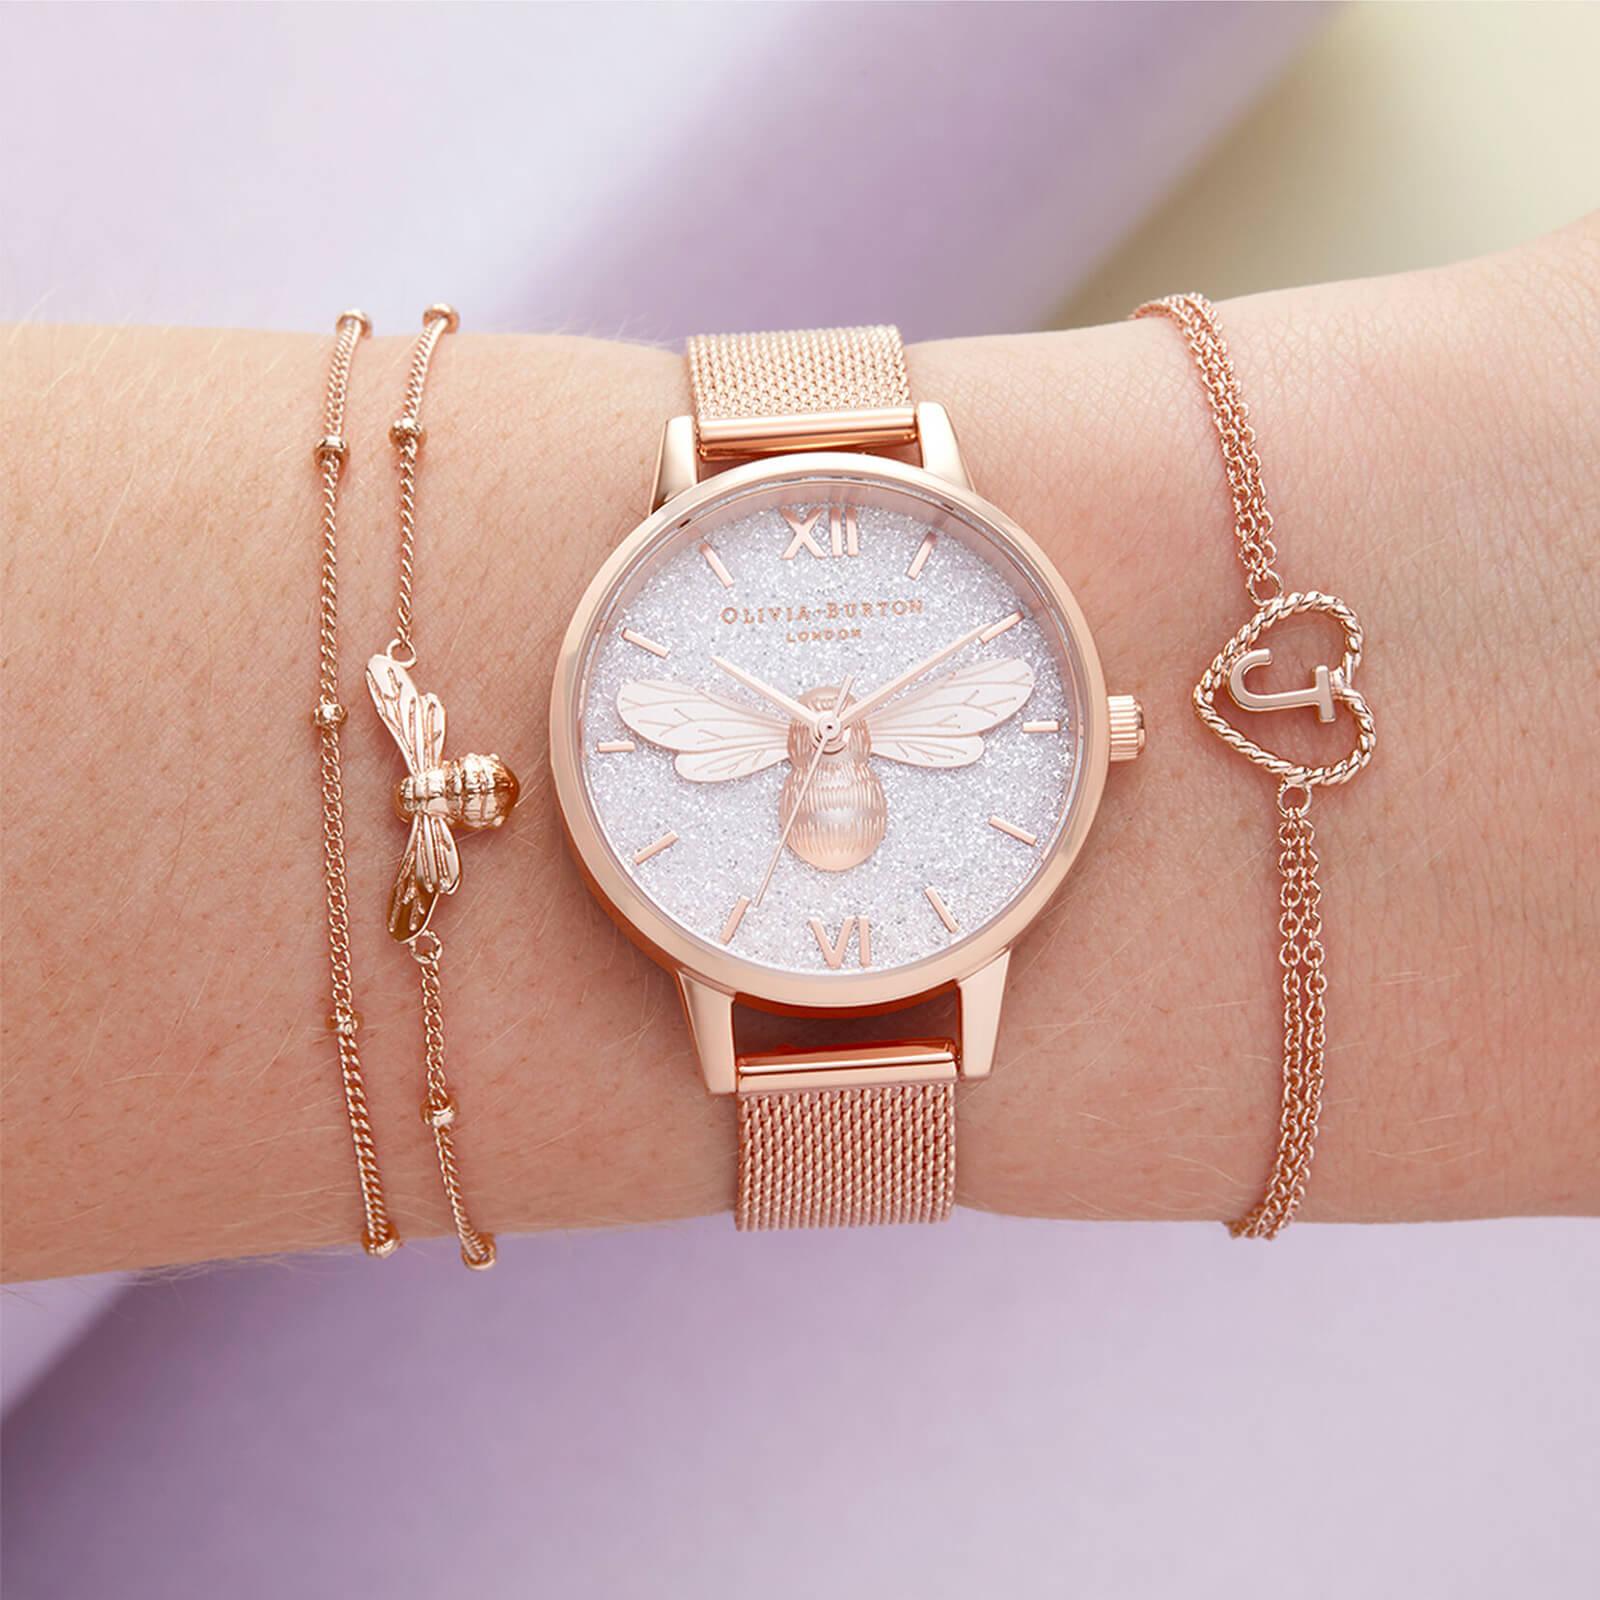 限時優惠!網購Olivia Burton手錶低香港價錢7折+免費直運香港/澳門